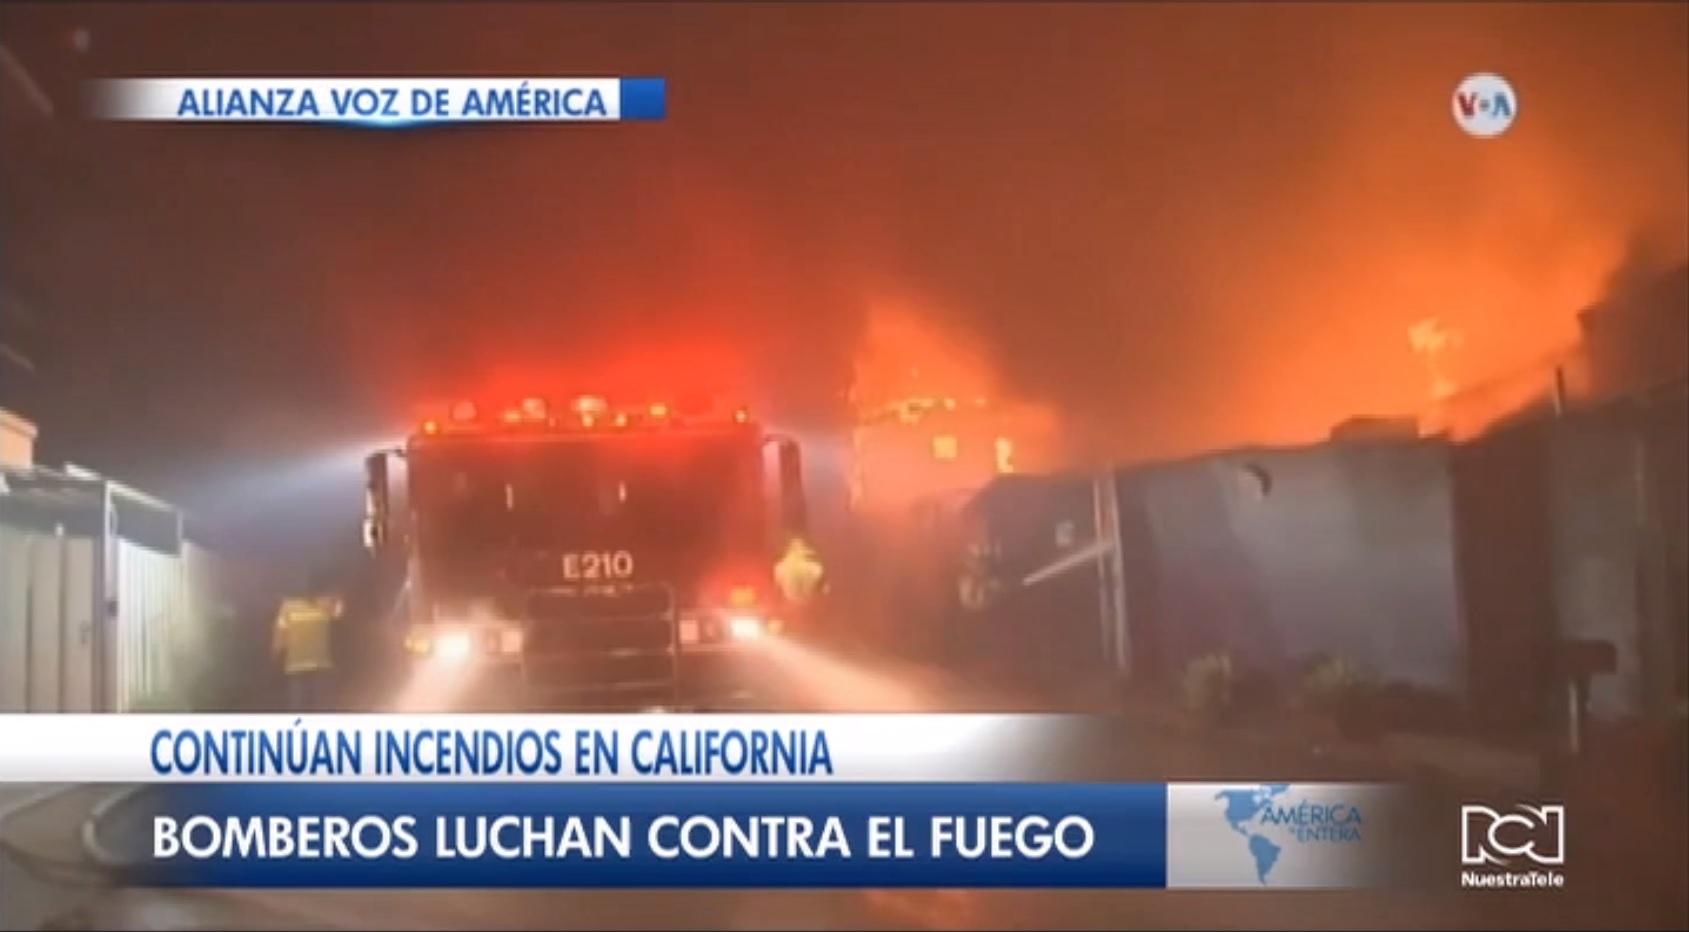 California mantiene el estado de emergencia por graves incendios forestales